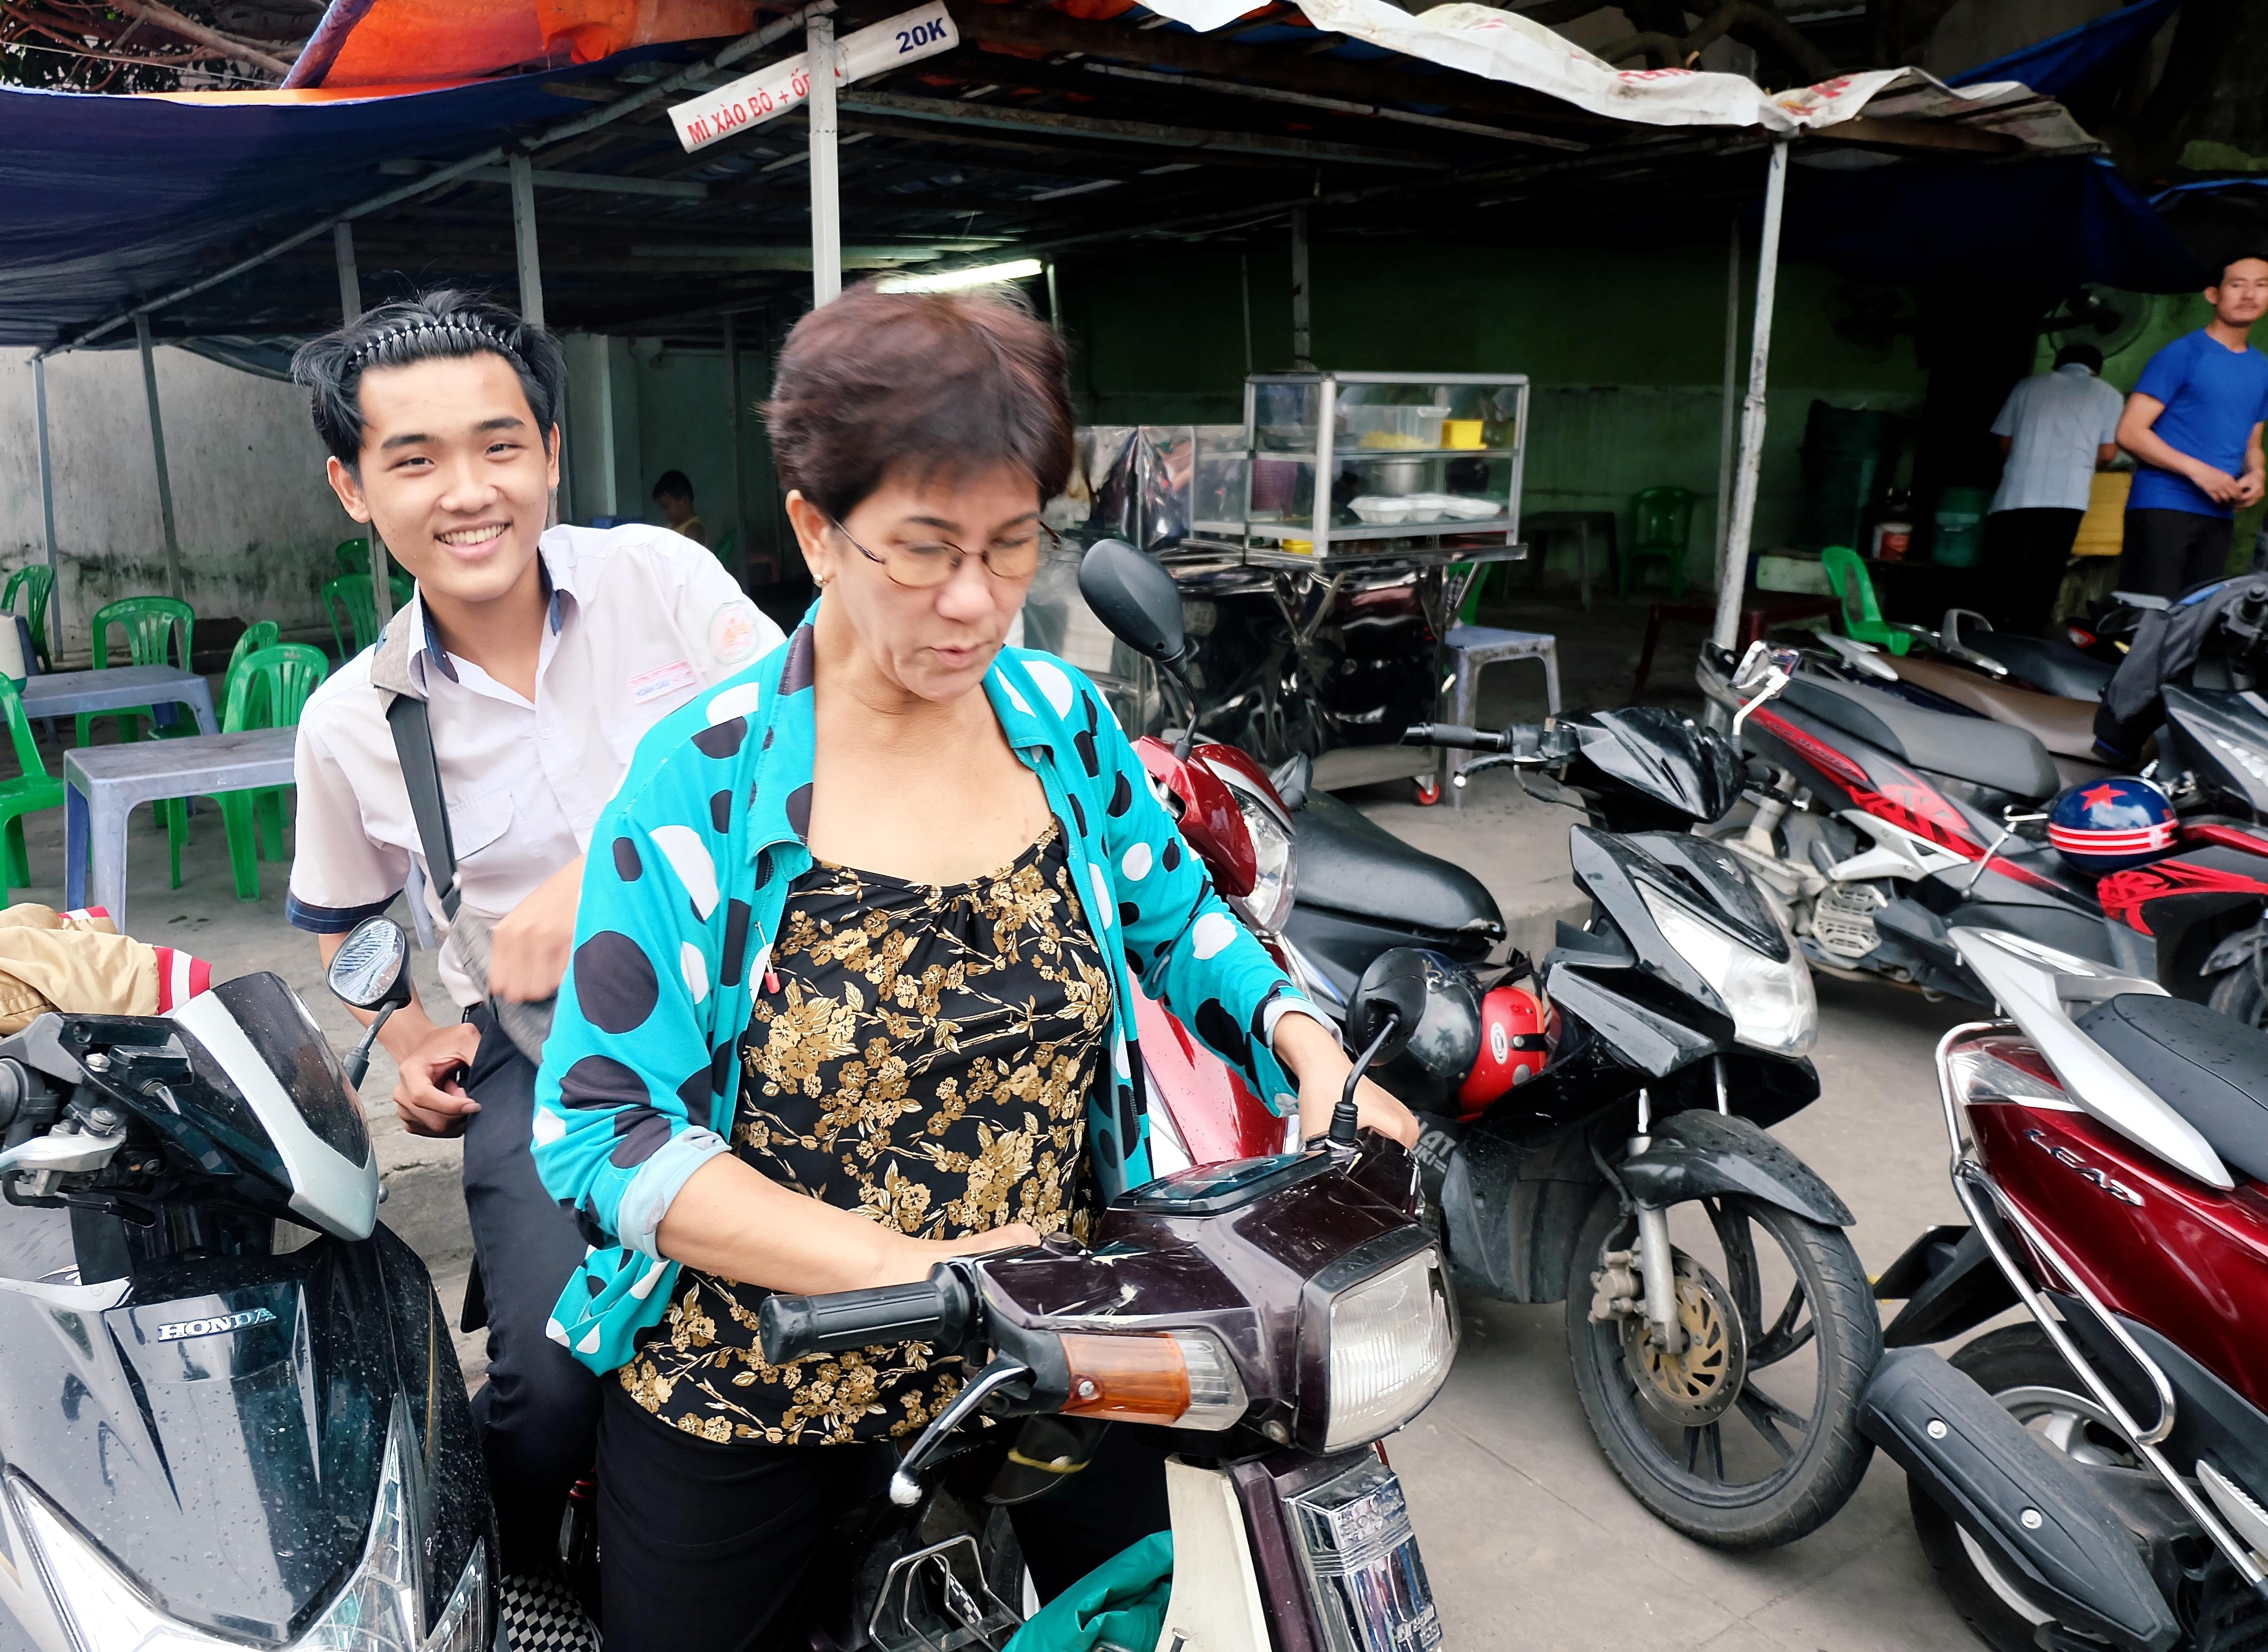 Gặp cô bán xôi ở Sài Gòn vượt hơn 10 cây số đèo nam sinh về lấy giấy tờ để kịp giờ thi THPT quốc gia - Ảnh 3.